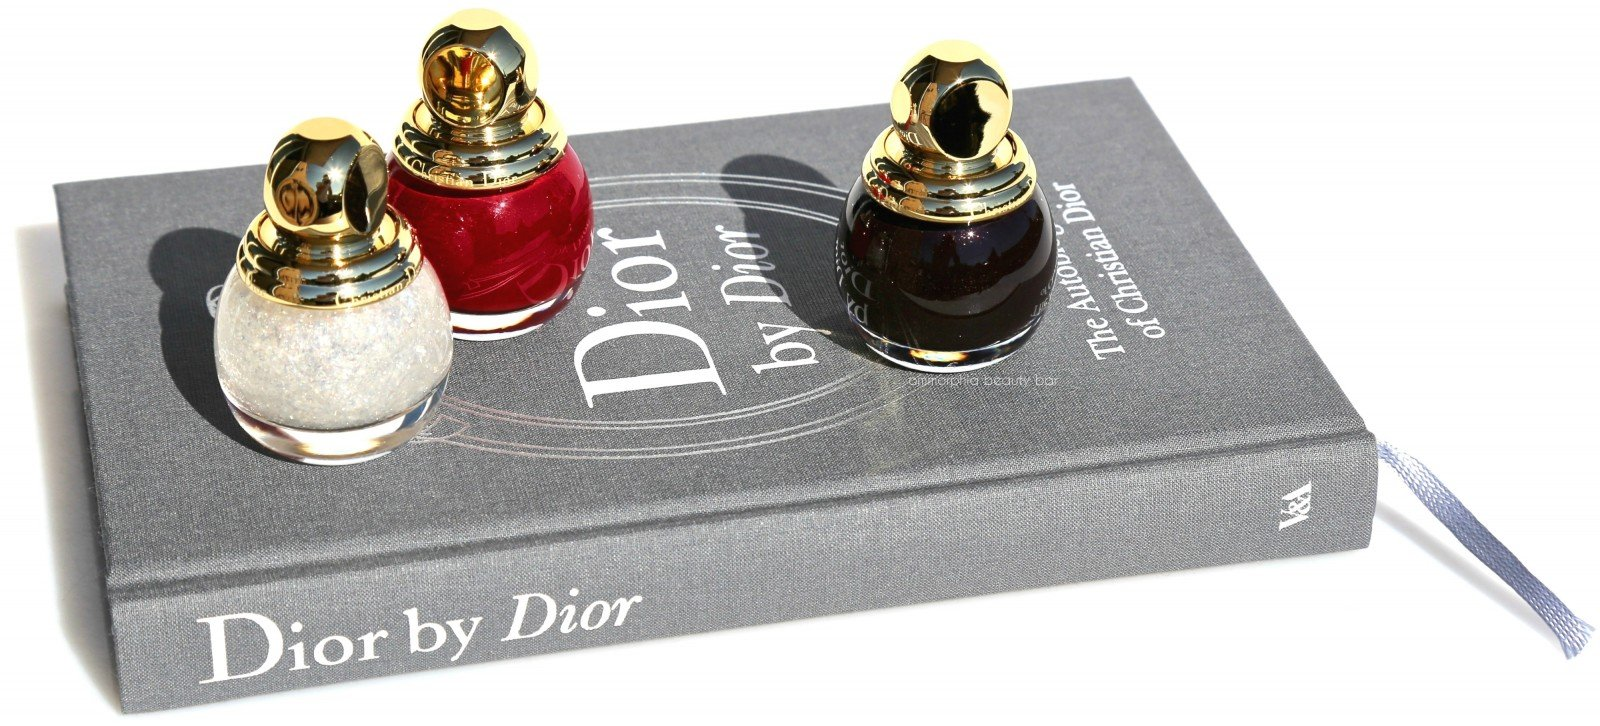 Espíritu de Alta Costura en las nuevas lacas de uñas de Dior